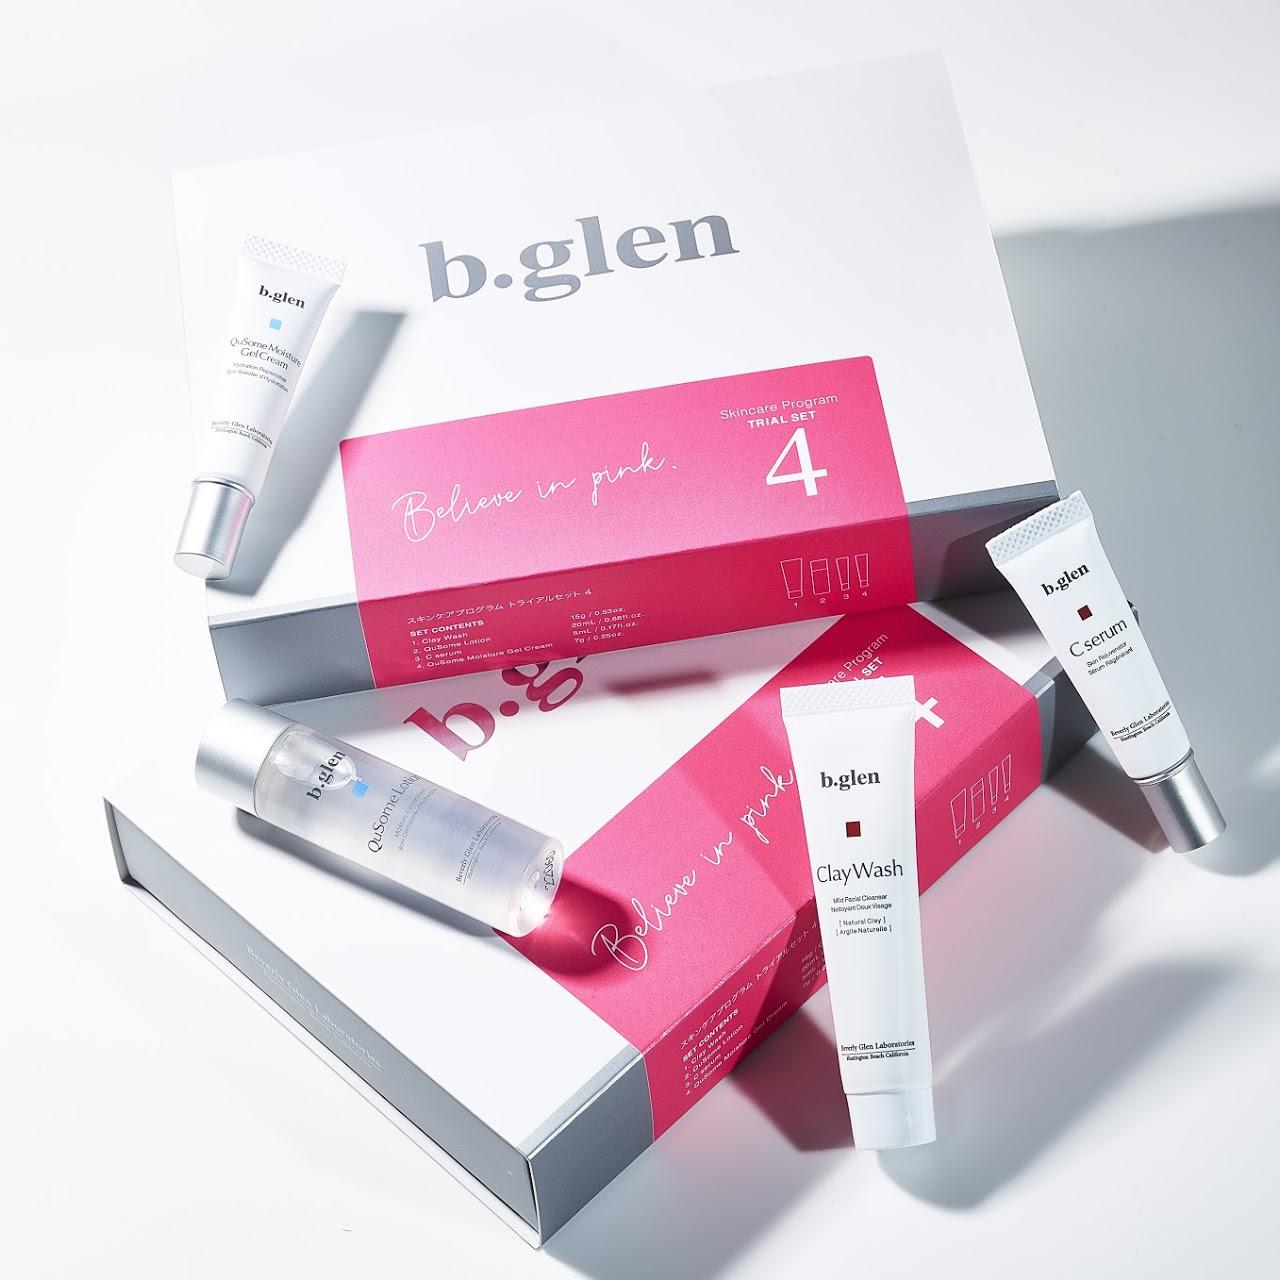 b.glen(ビーグレン)の毛穴ケアトライアルセット(ピンク色)